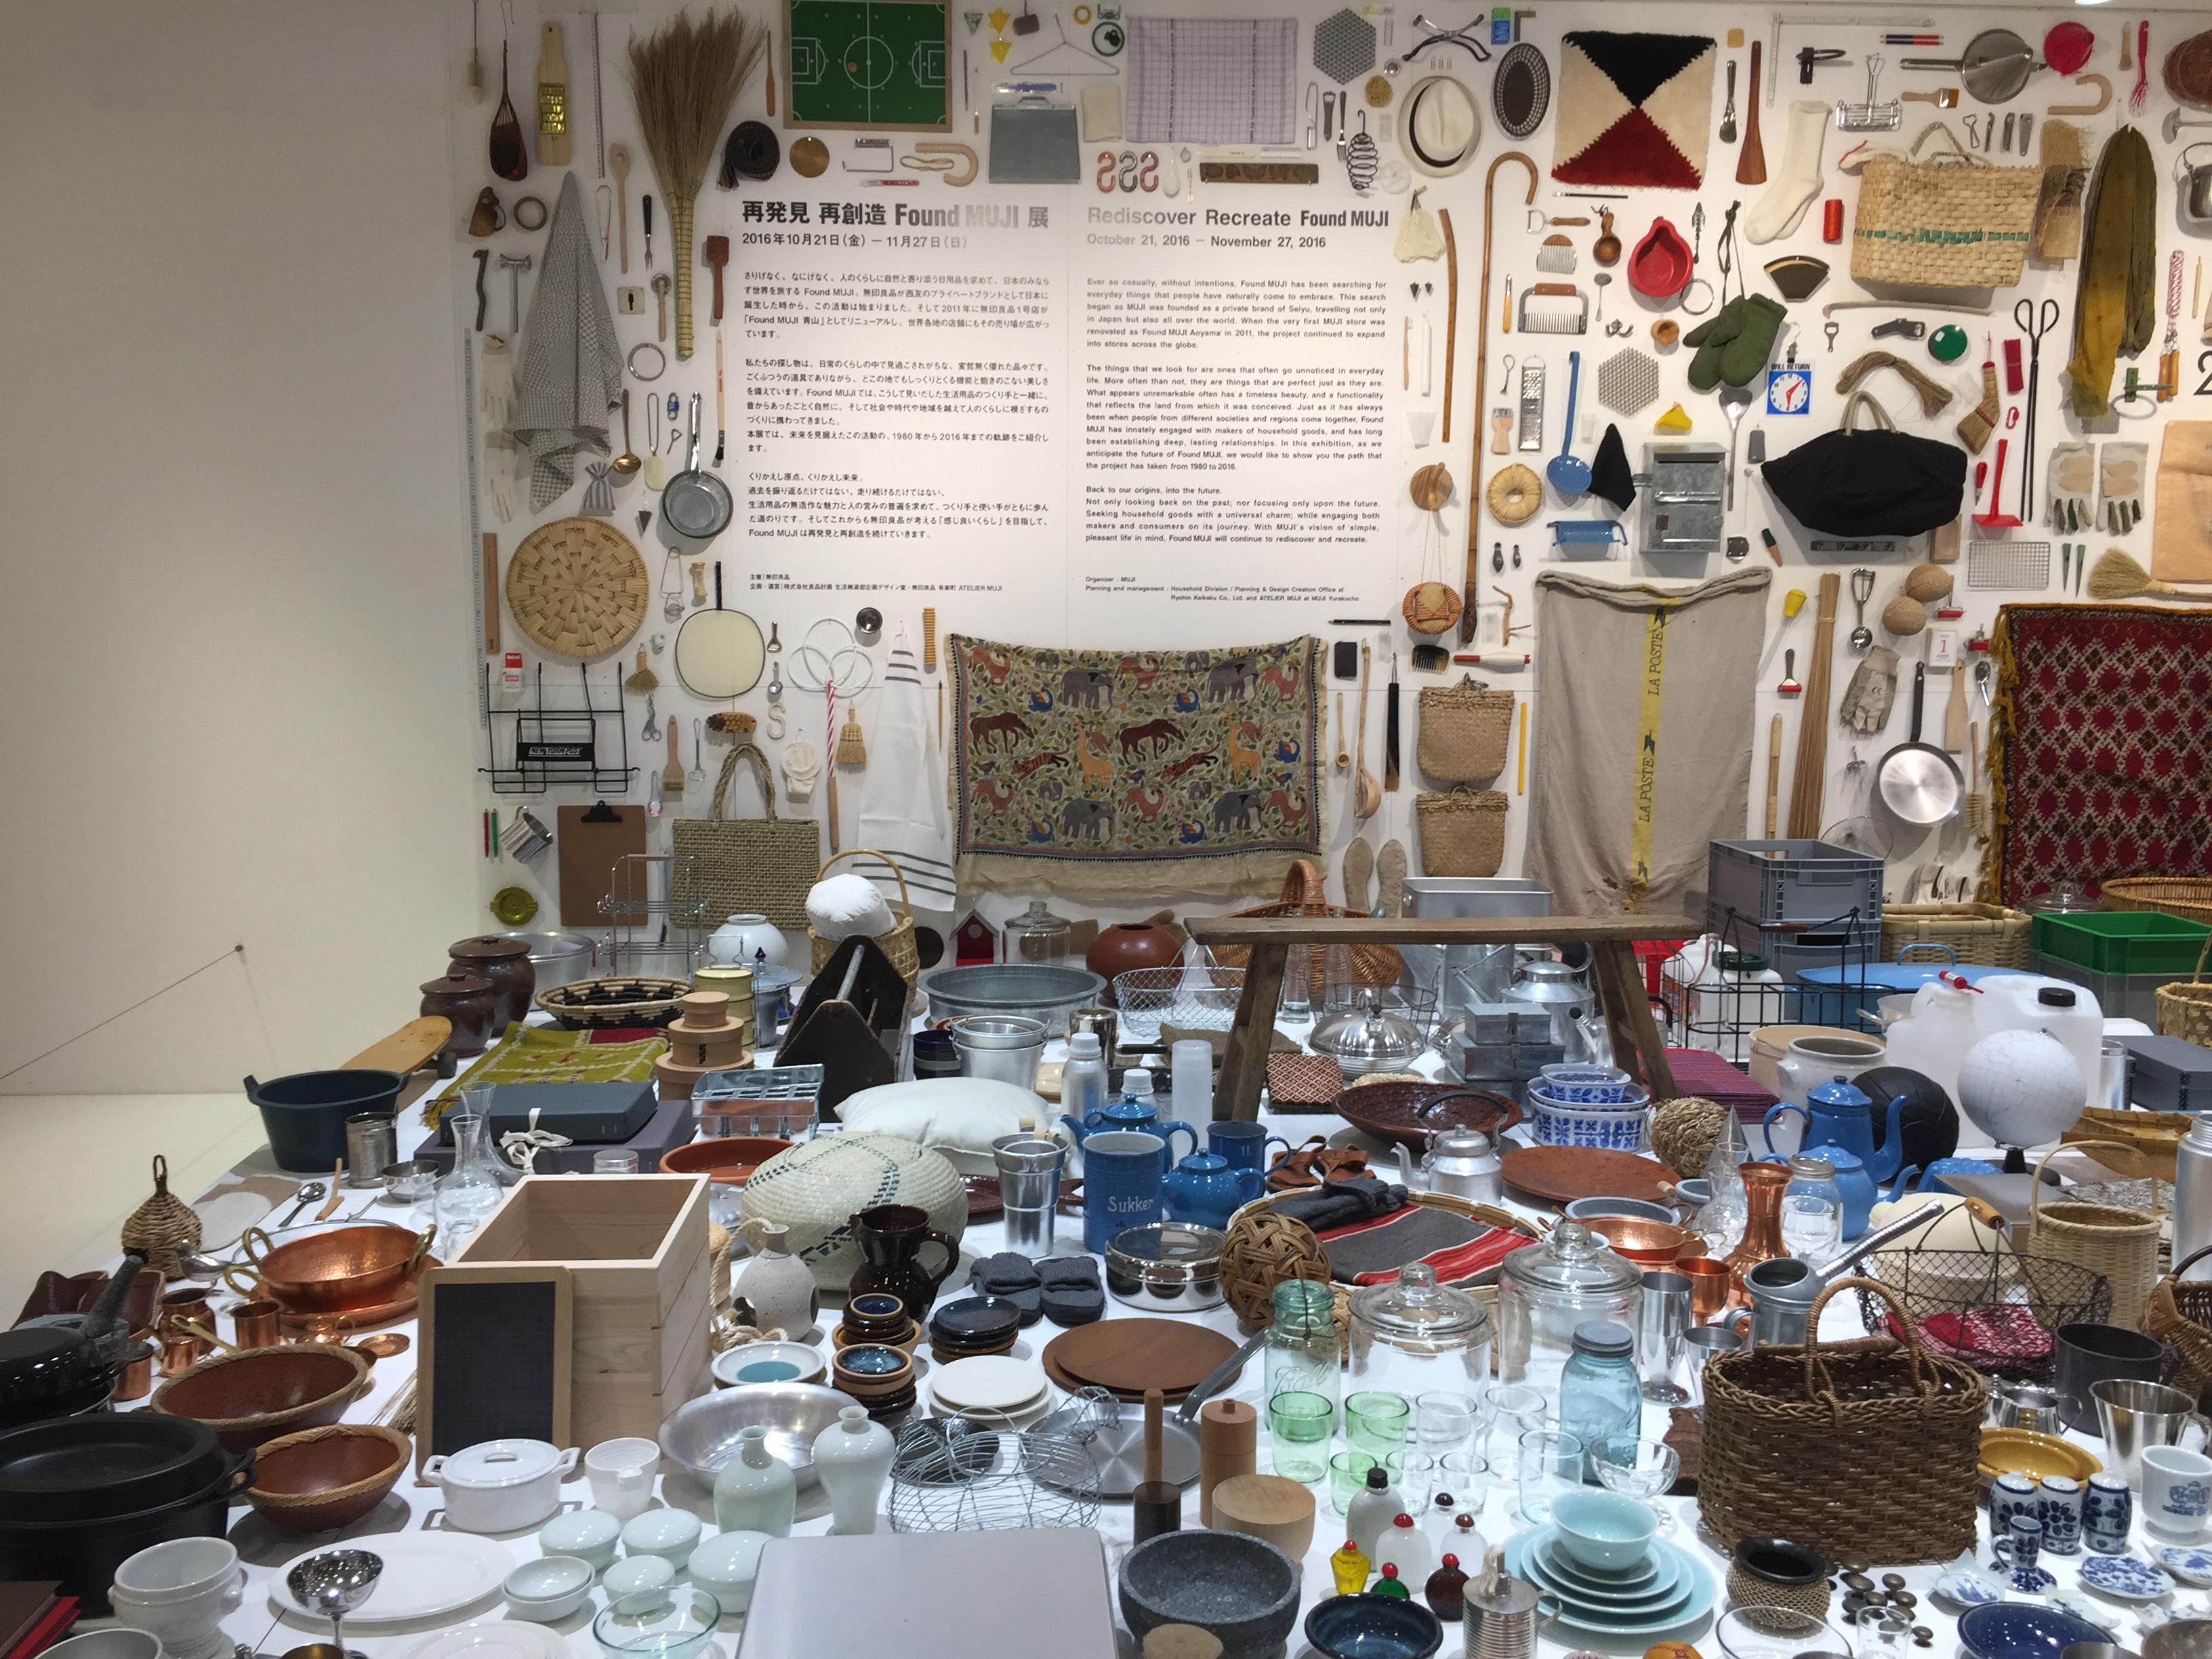 2016年の「再発見 再創造 Found MUJI展」の模様